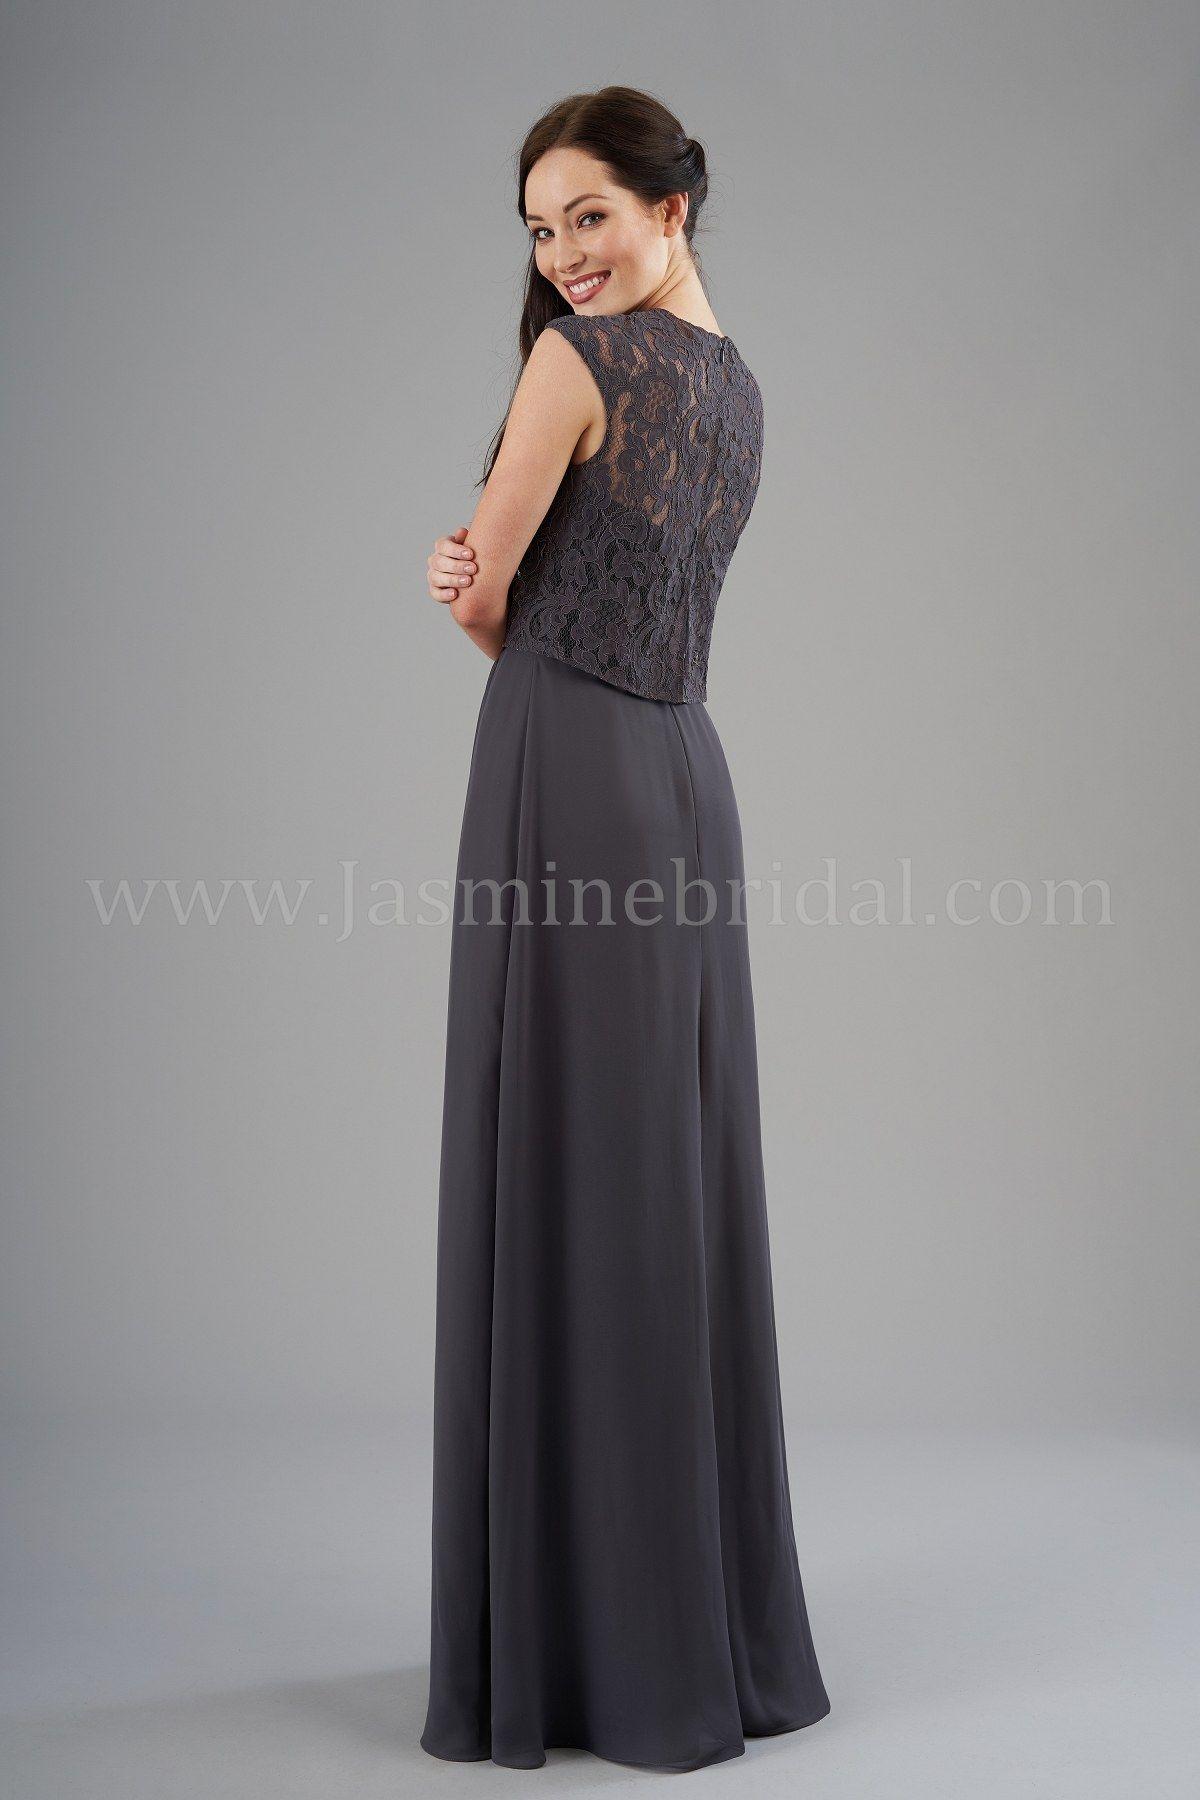 Nett Bester Brautjunferkleider Für Plus Size Fotos - Brautkleider ...